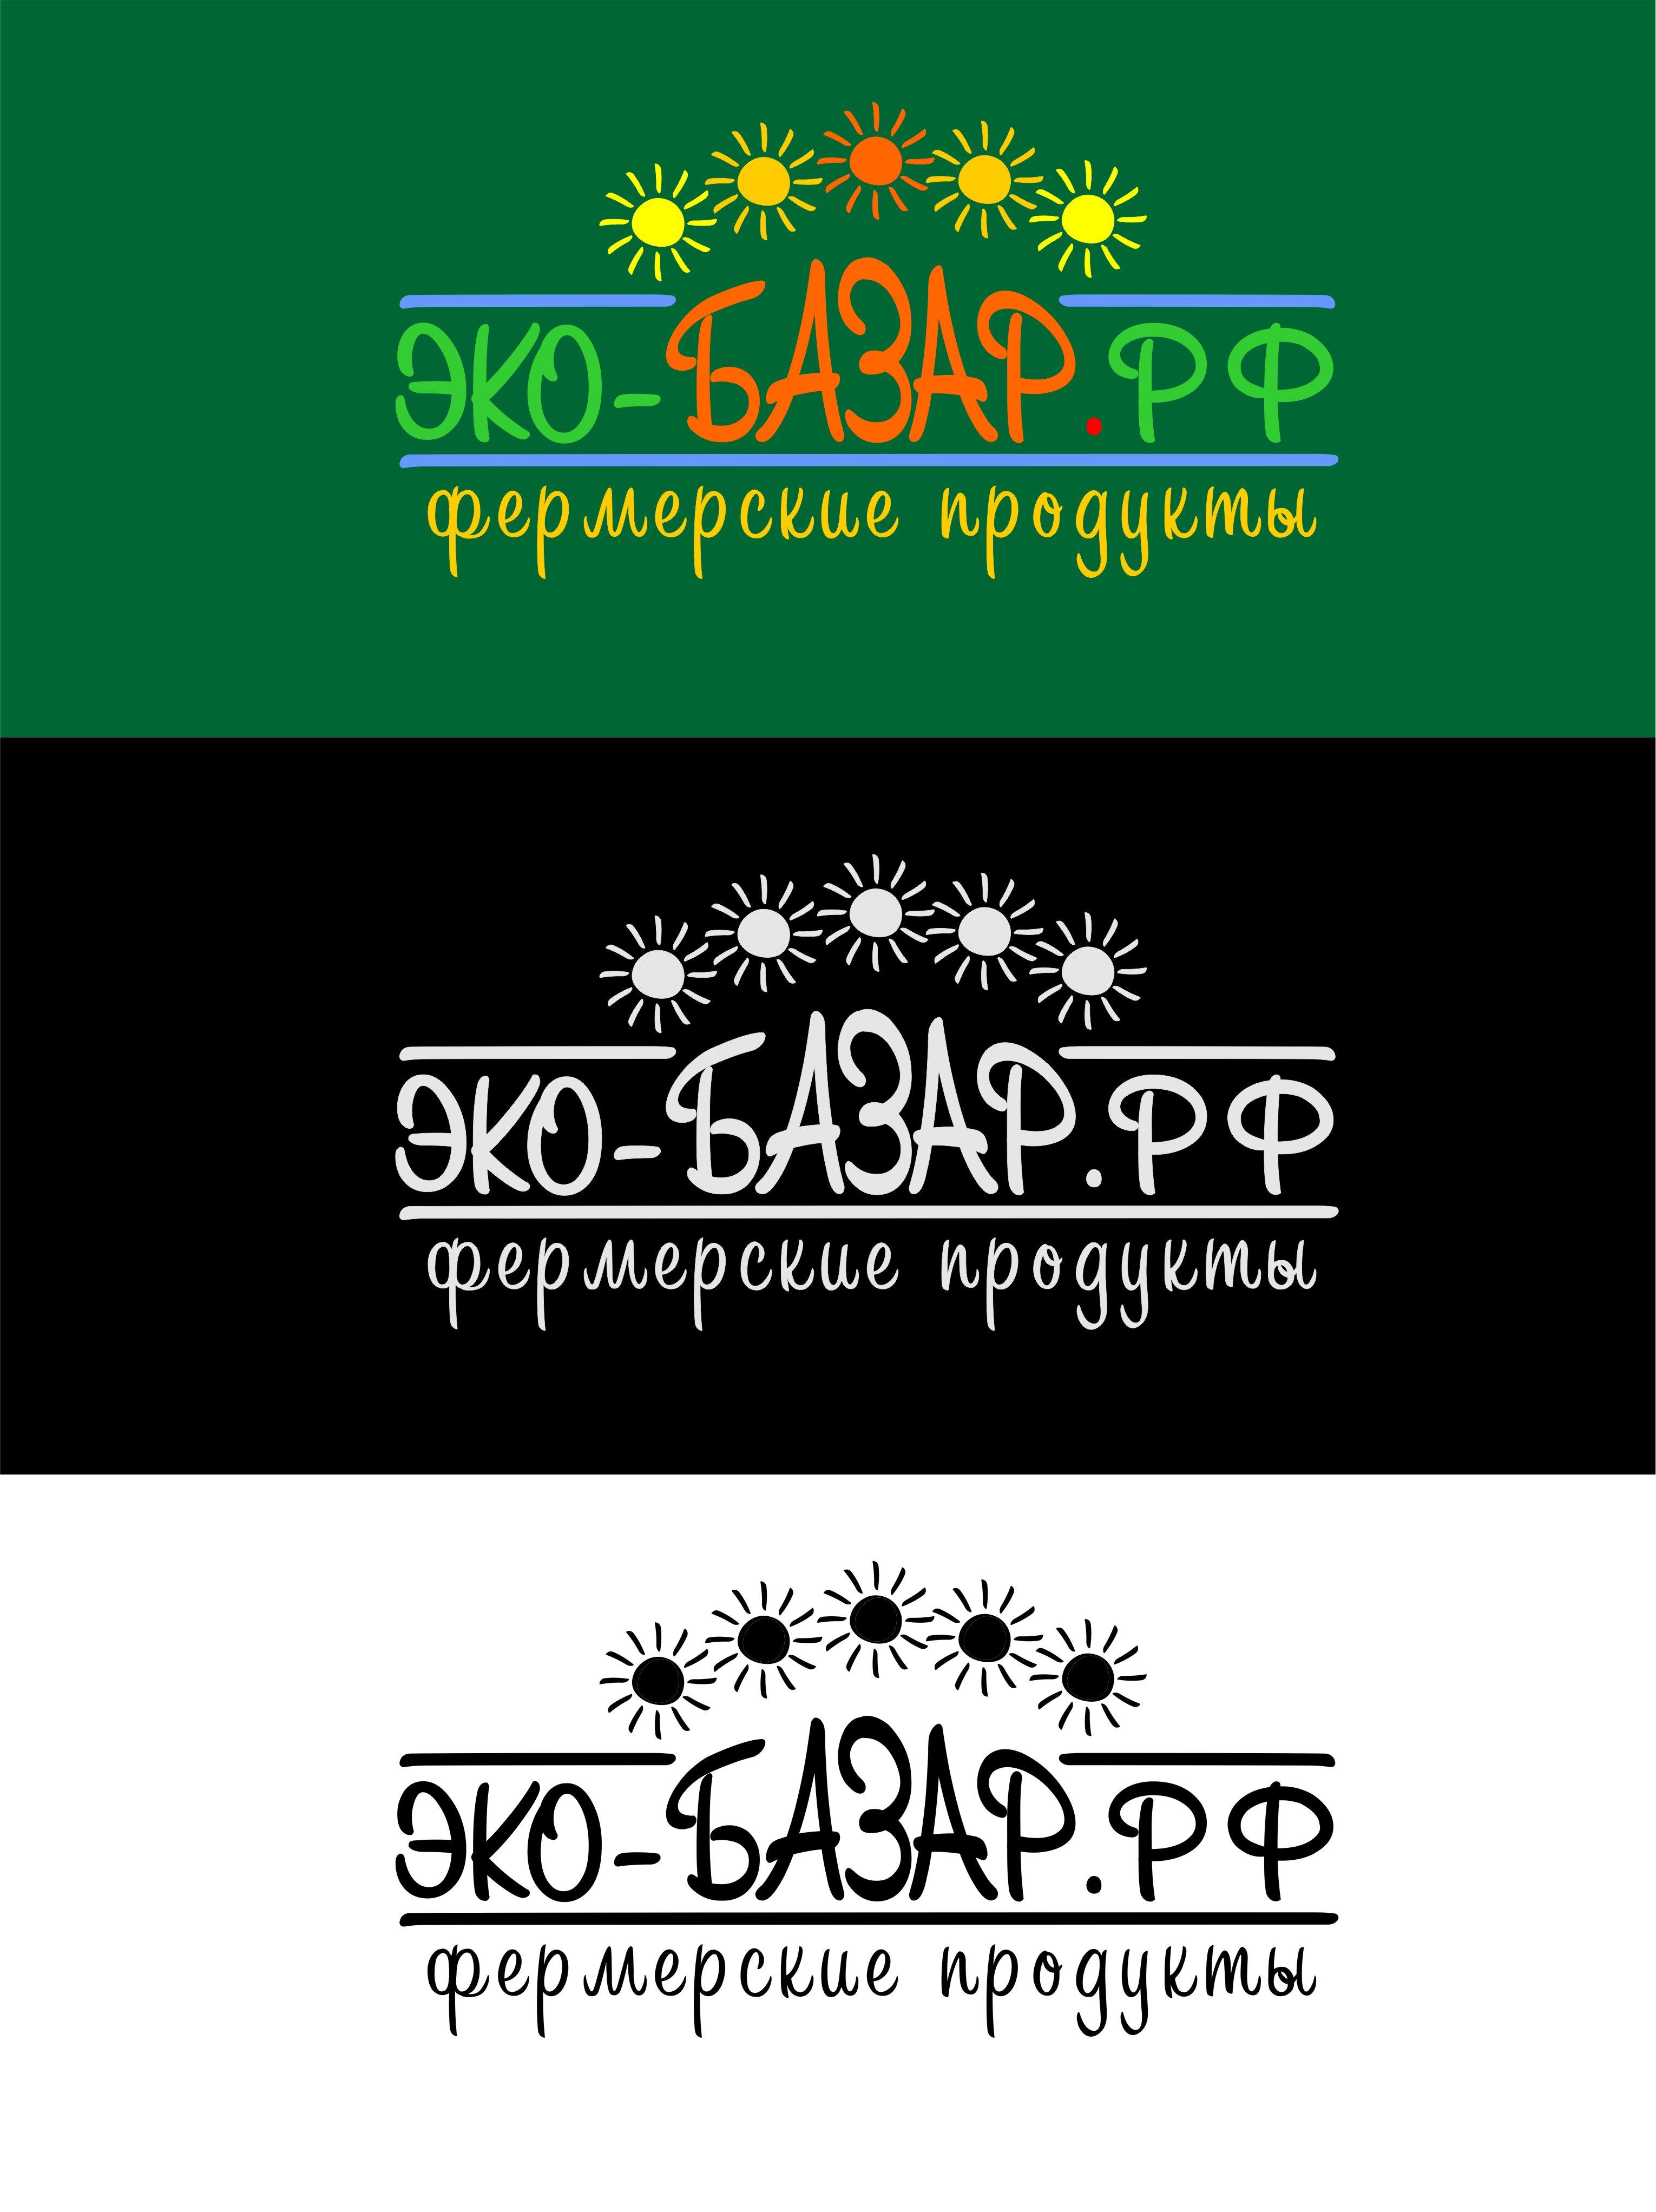 Логотип компании натуральных (фермерских) продуктов фото f_281594127a63e07d.jpg